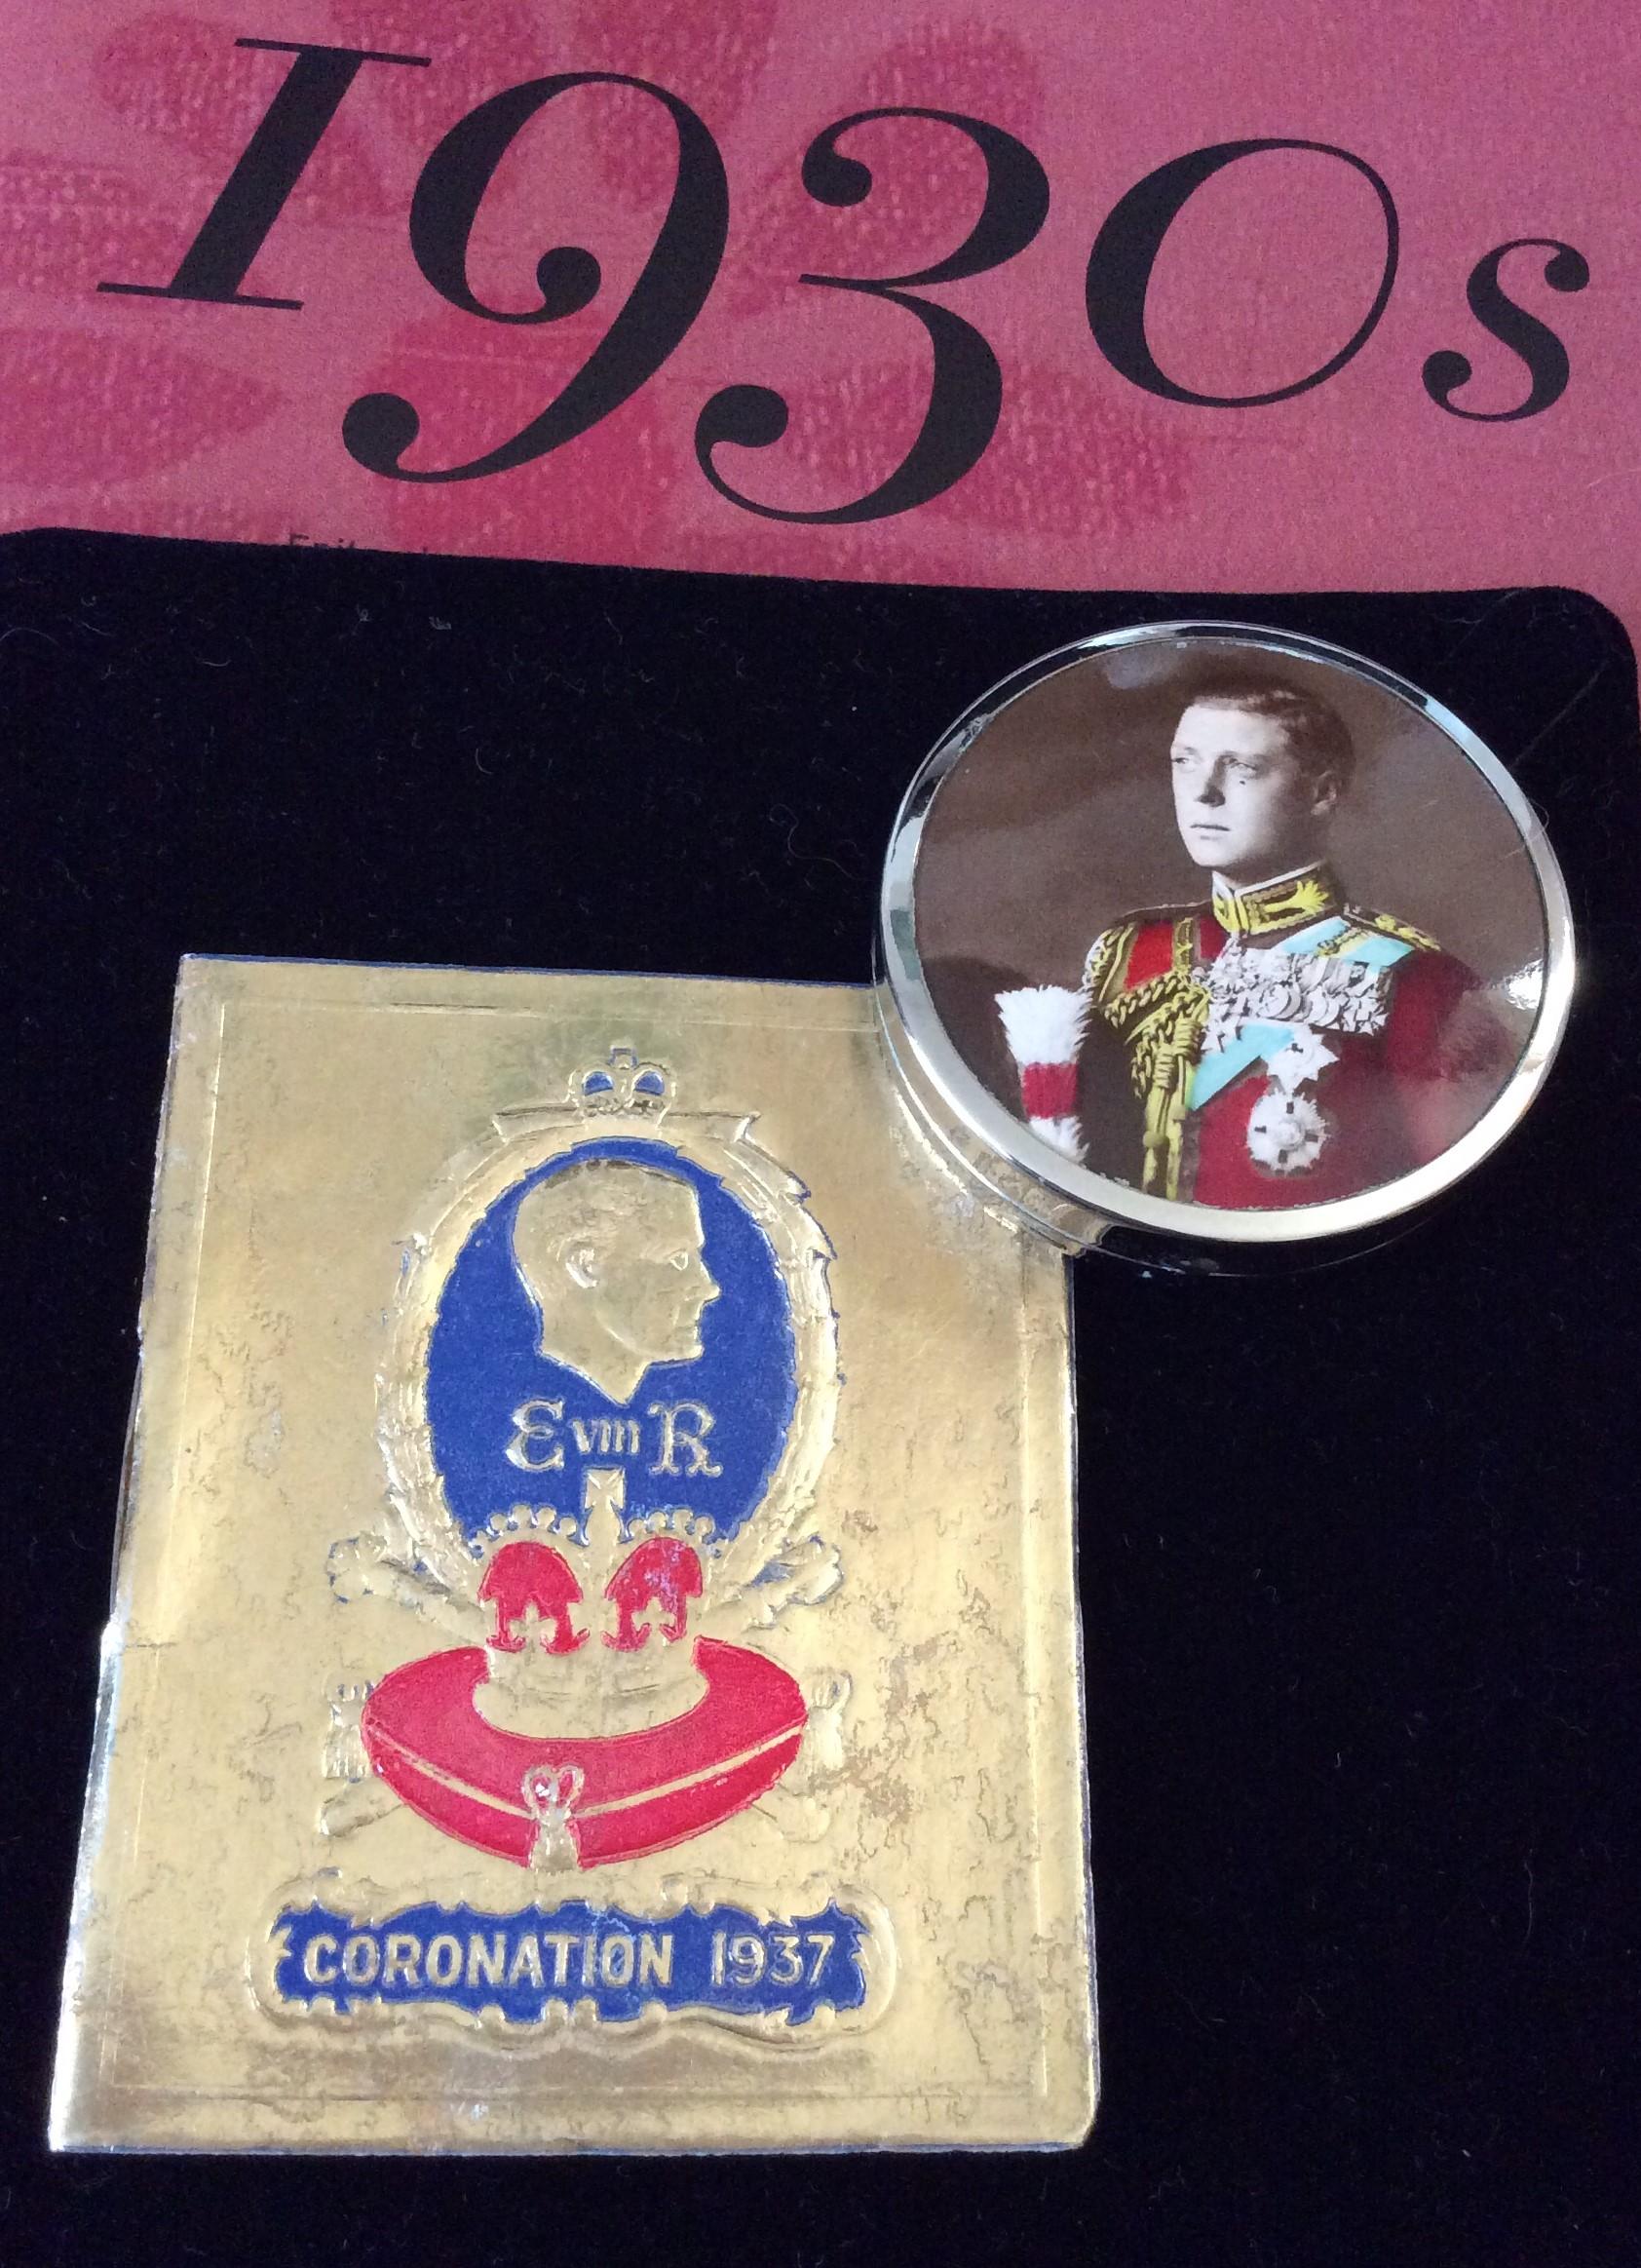 Rare Edward V111 Coronation Powder Compact with Souvenir Coronation Calendar Booklet